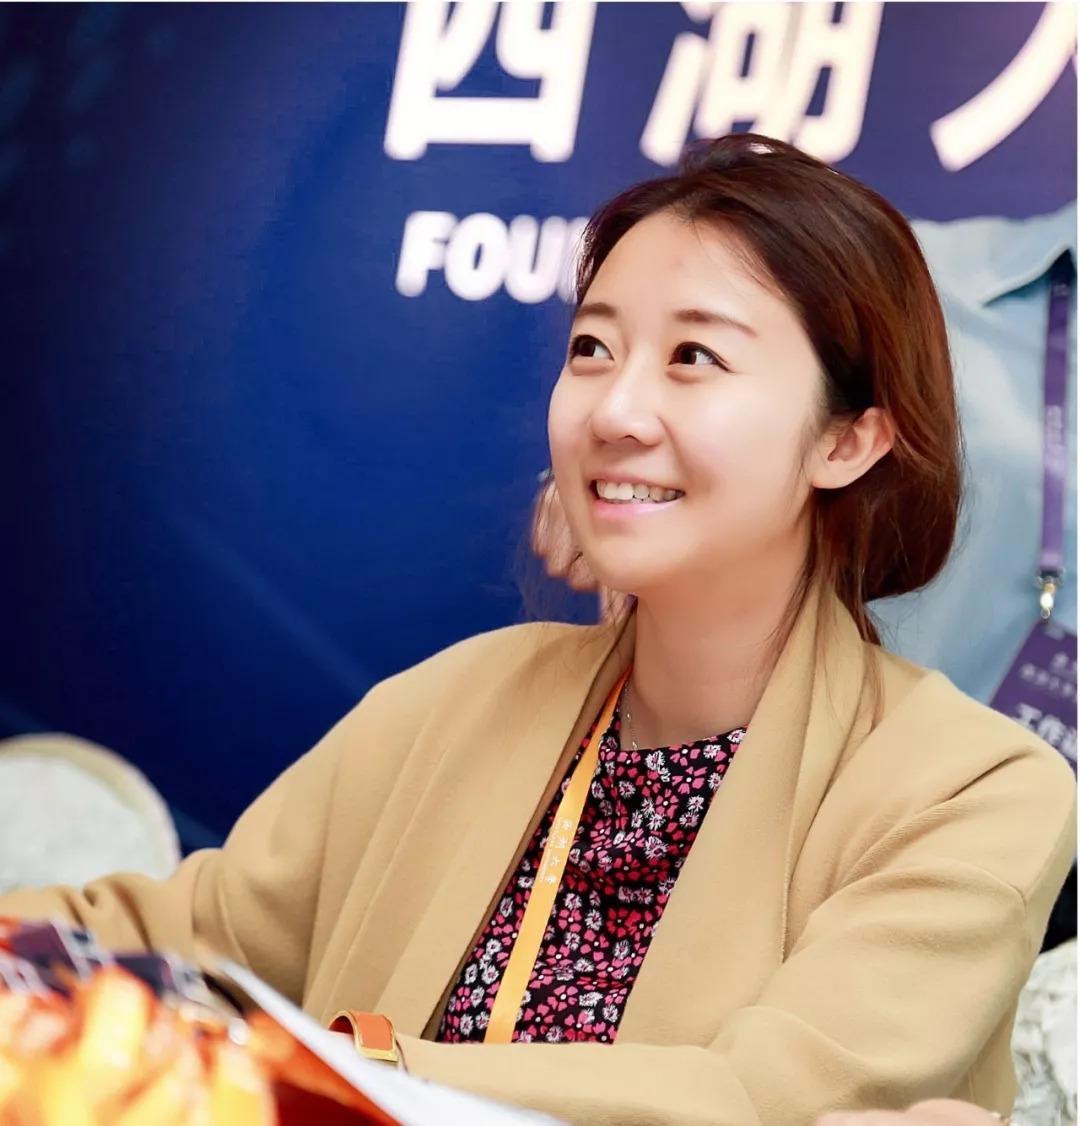 西湖教育劉旻昊:從留英博士到西湖教育基金會,她經歷了什么?